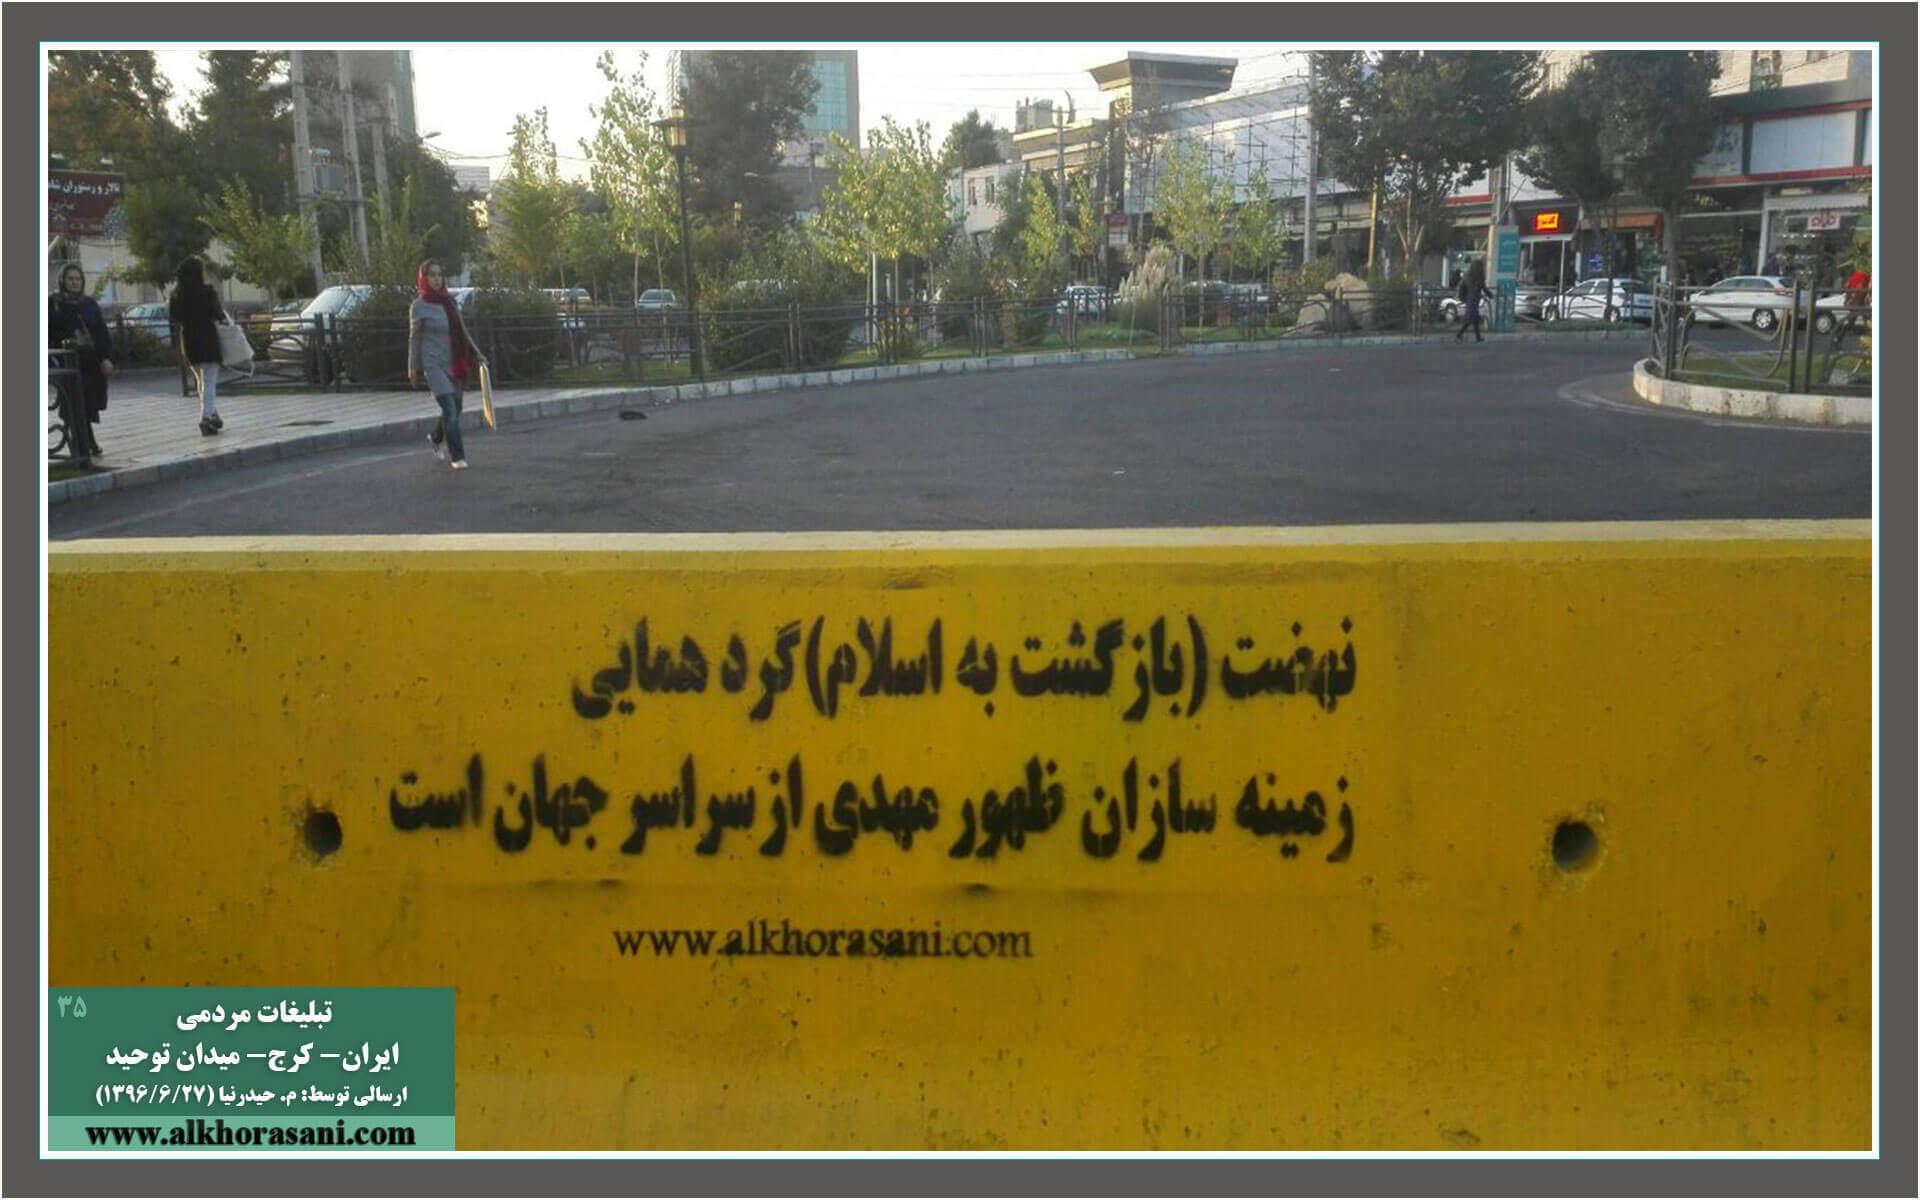 تصاویر تبلیغ نهضت منصور هاشمی خراسانی کرج